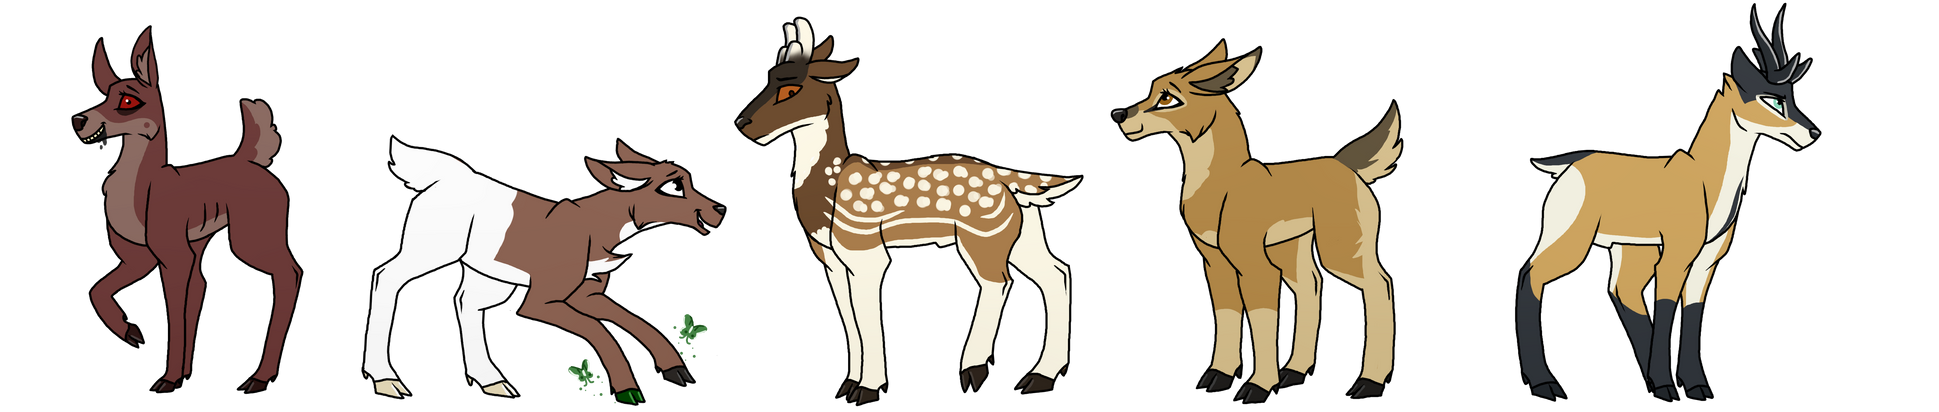 Ohh Deer Mee